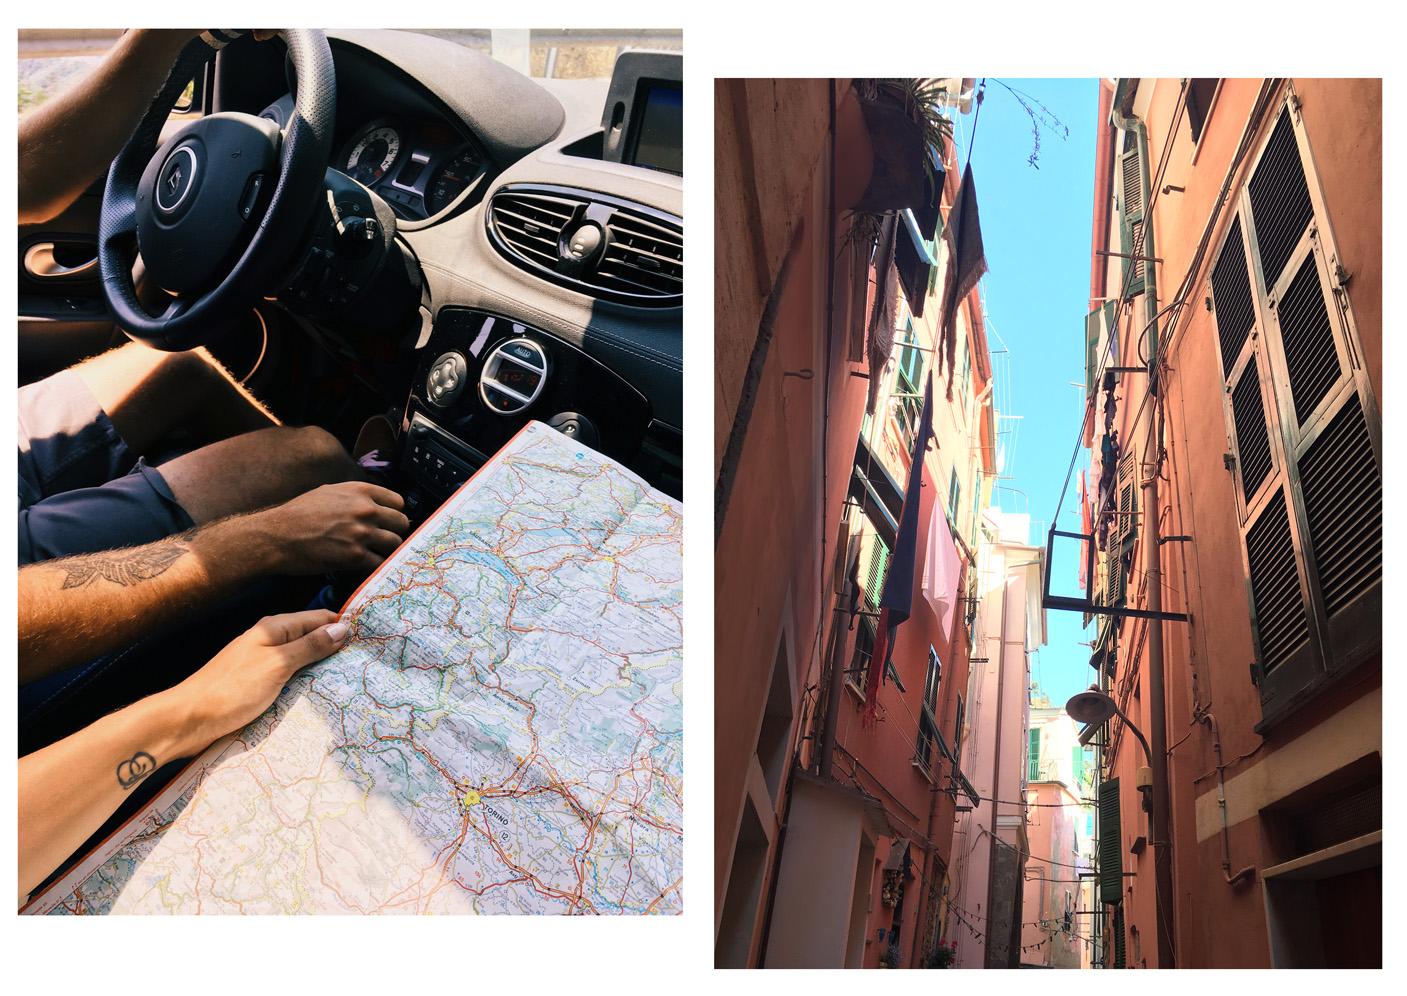 La beauté des Cinque Terre, quelques jours en Italie la carte routière sortie, Côté Hublot